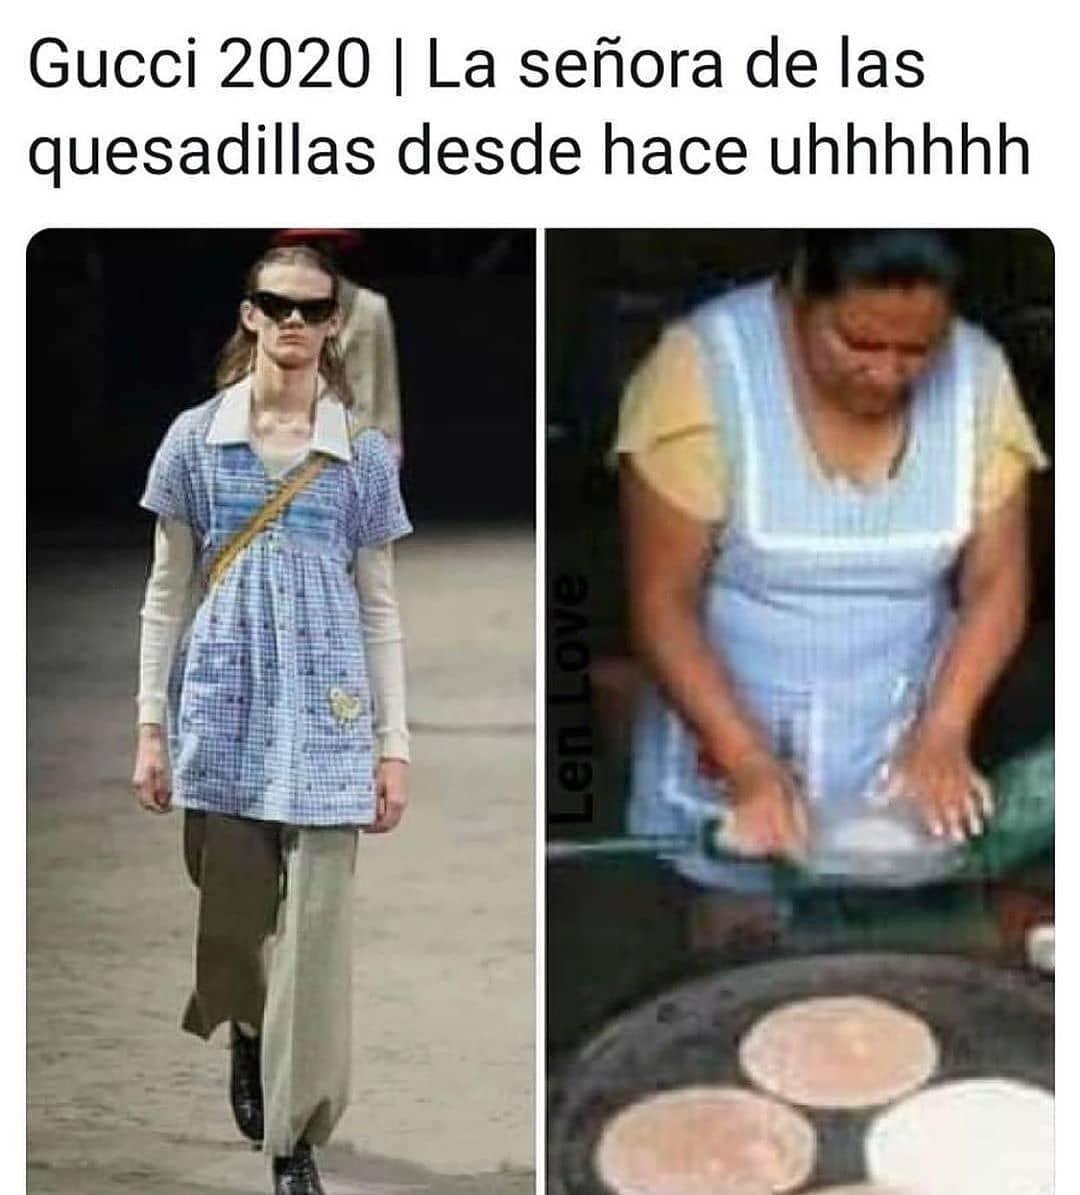 Gucci 2020. / La señora de las quesadillas desde hace uhhhhhh.